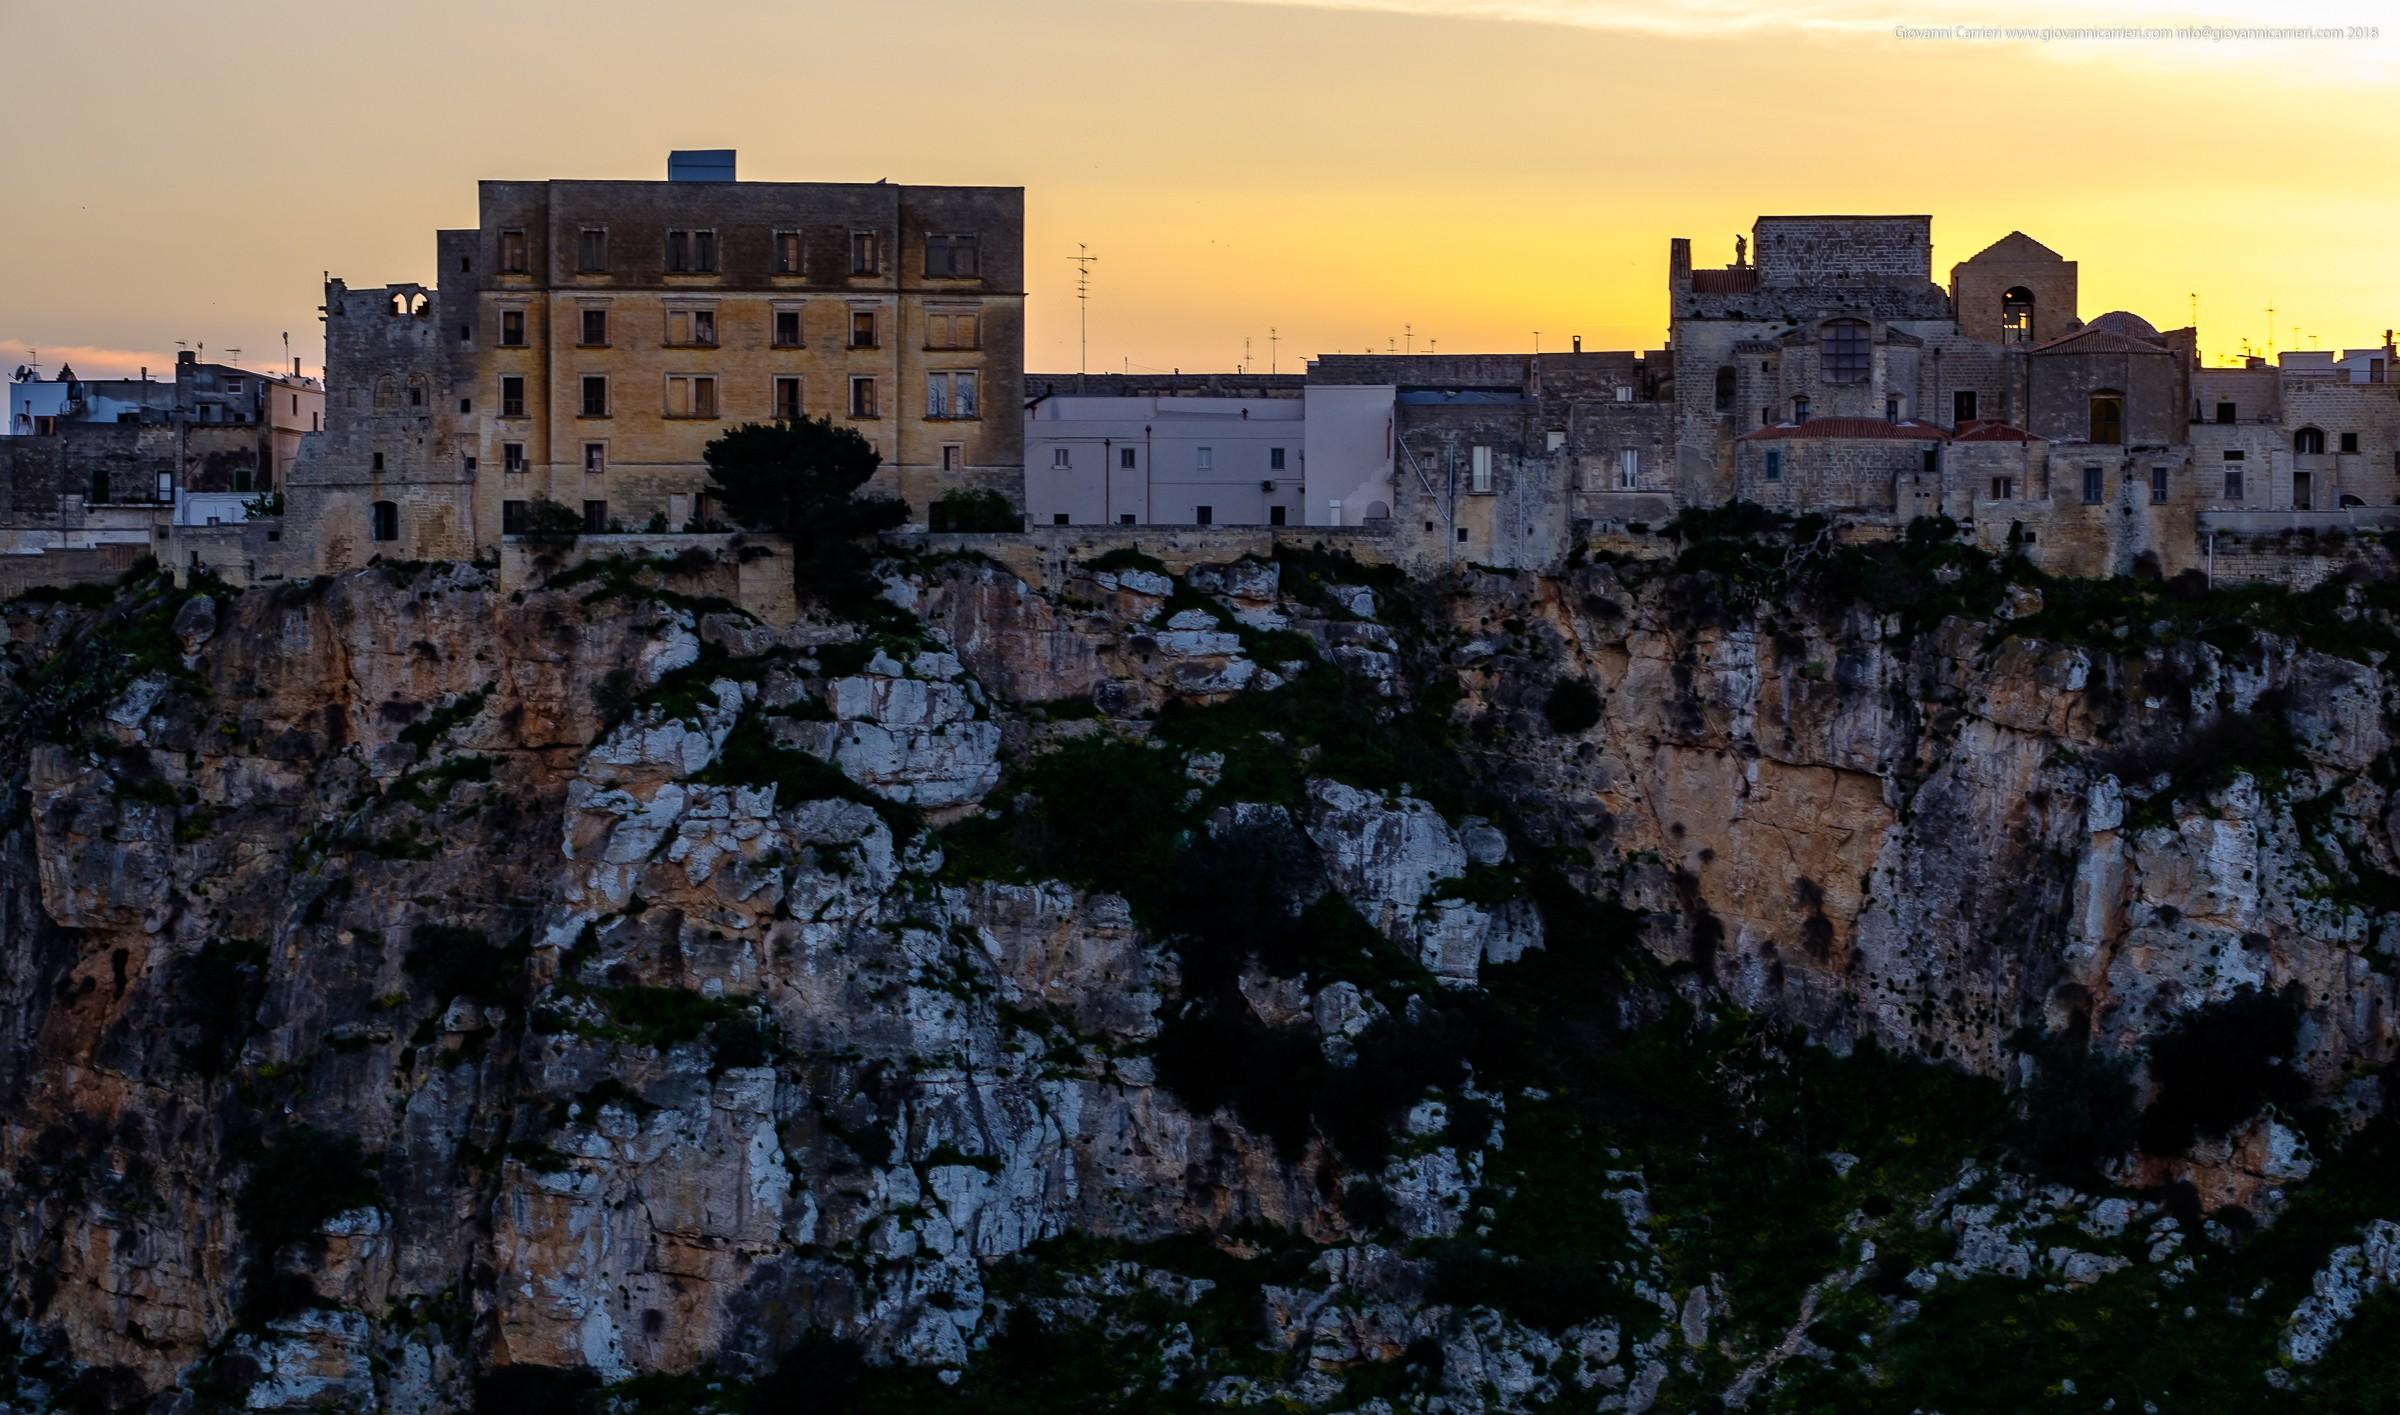 Il centro storico di Castellaneta visto dalla gravina